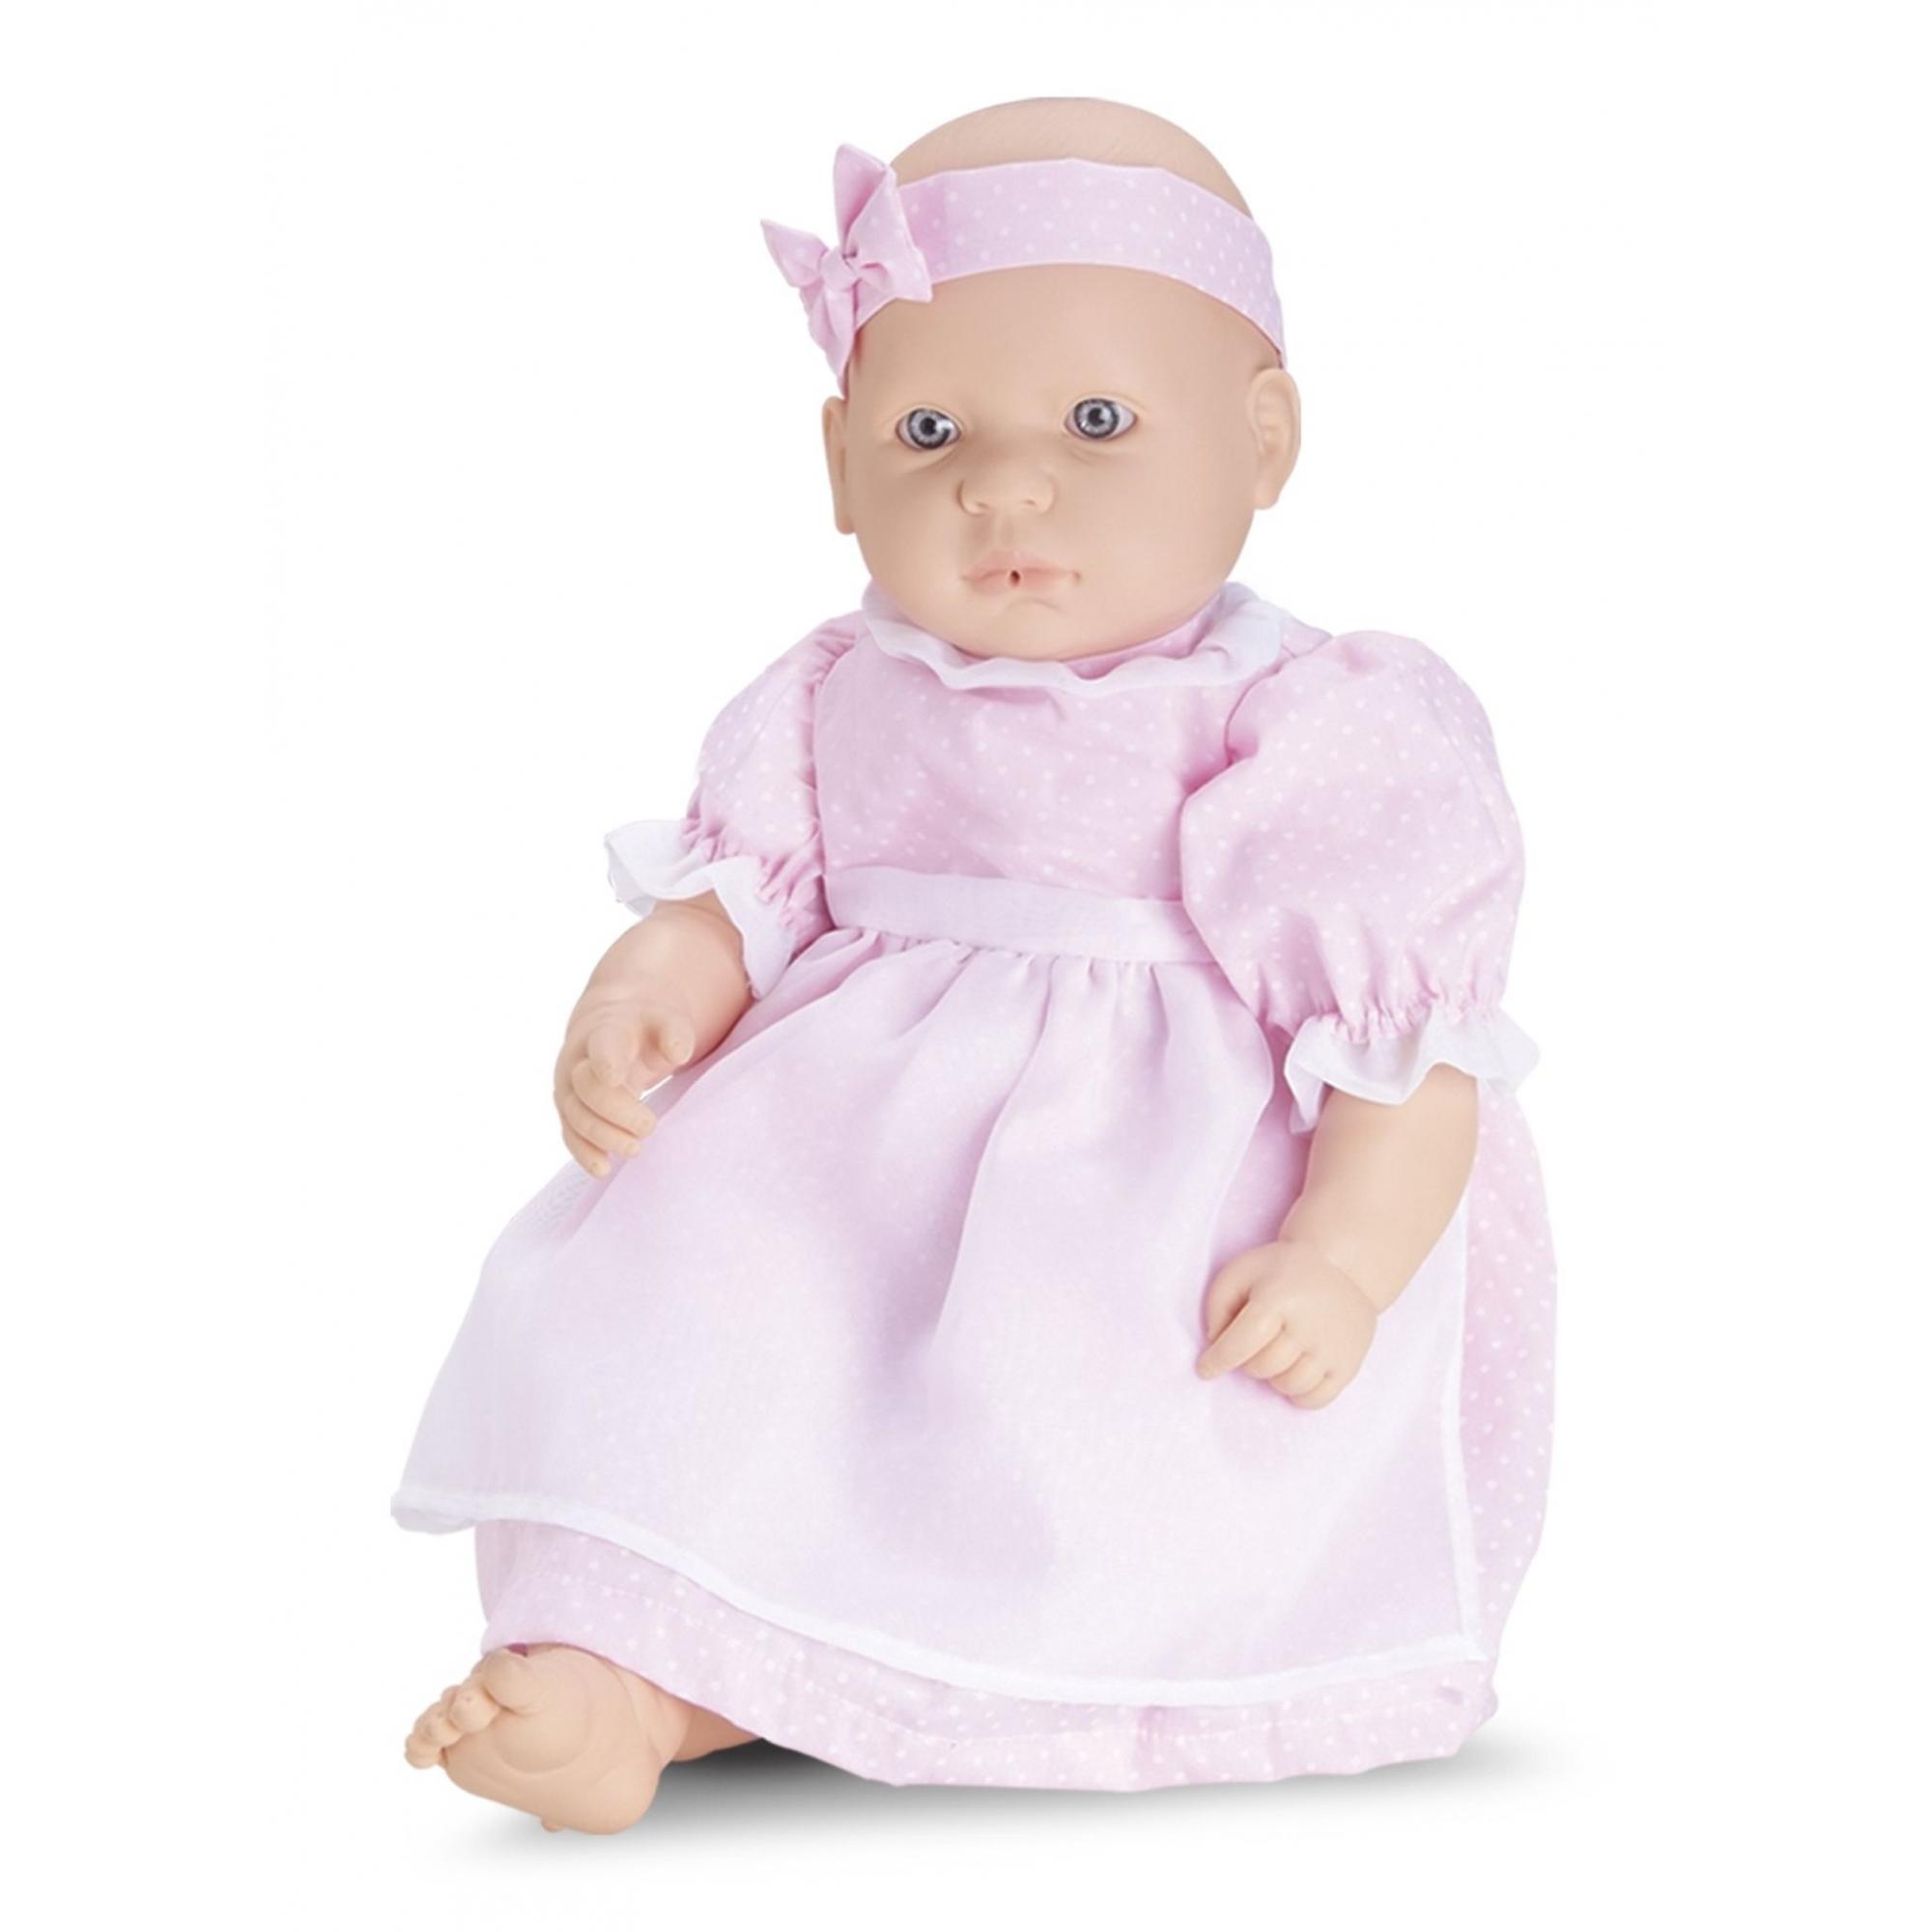 Boneca Baby by Roma - Canções - Roma Brinquedos